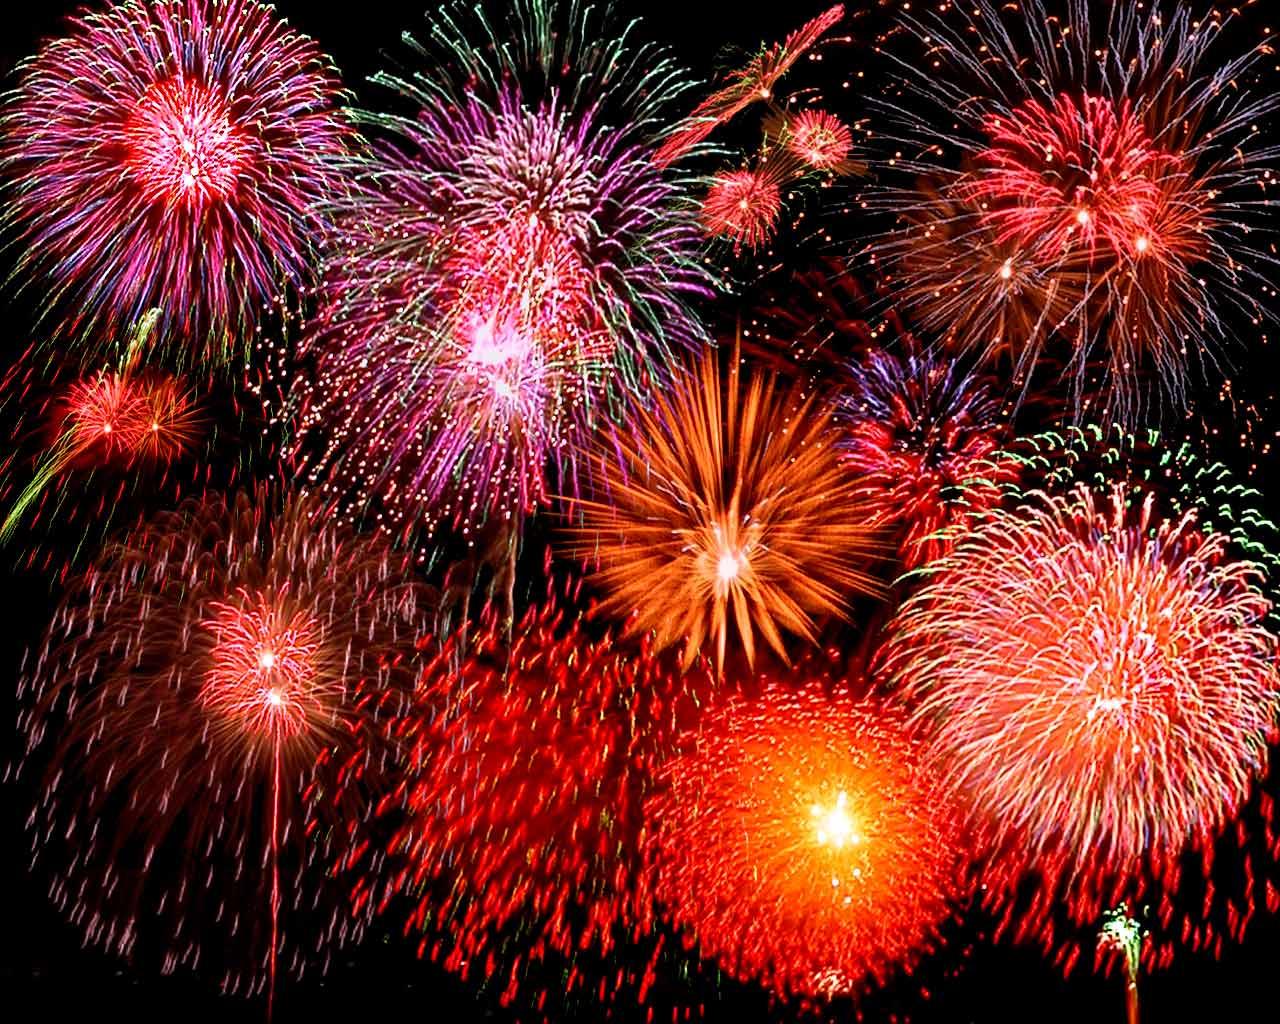 http://2.bp.blogspot.com/-vWQMr9FoIZ8/Tpa9O51Z3dI/AAAAAAAAA6o/tNcrasfeCpg/s1600/fireworks.jpg